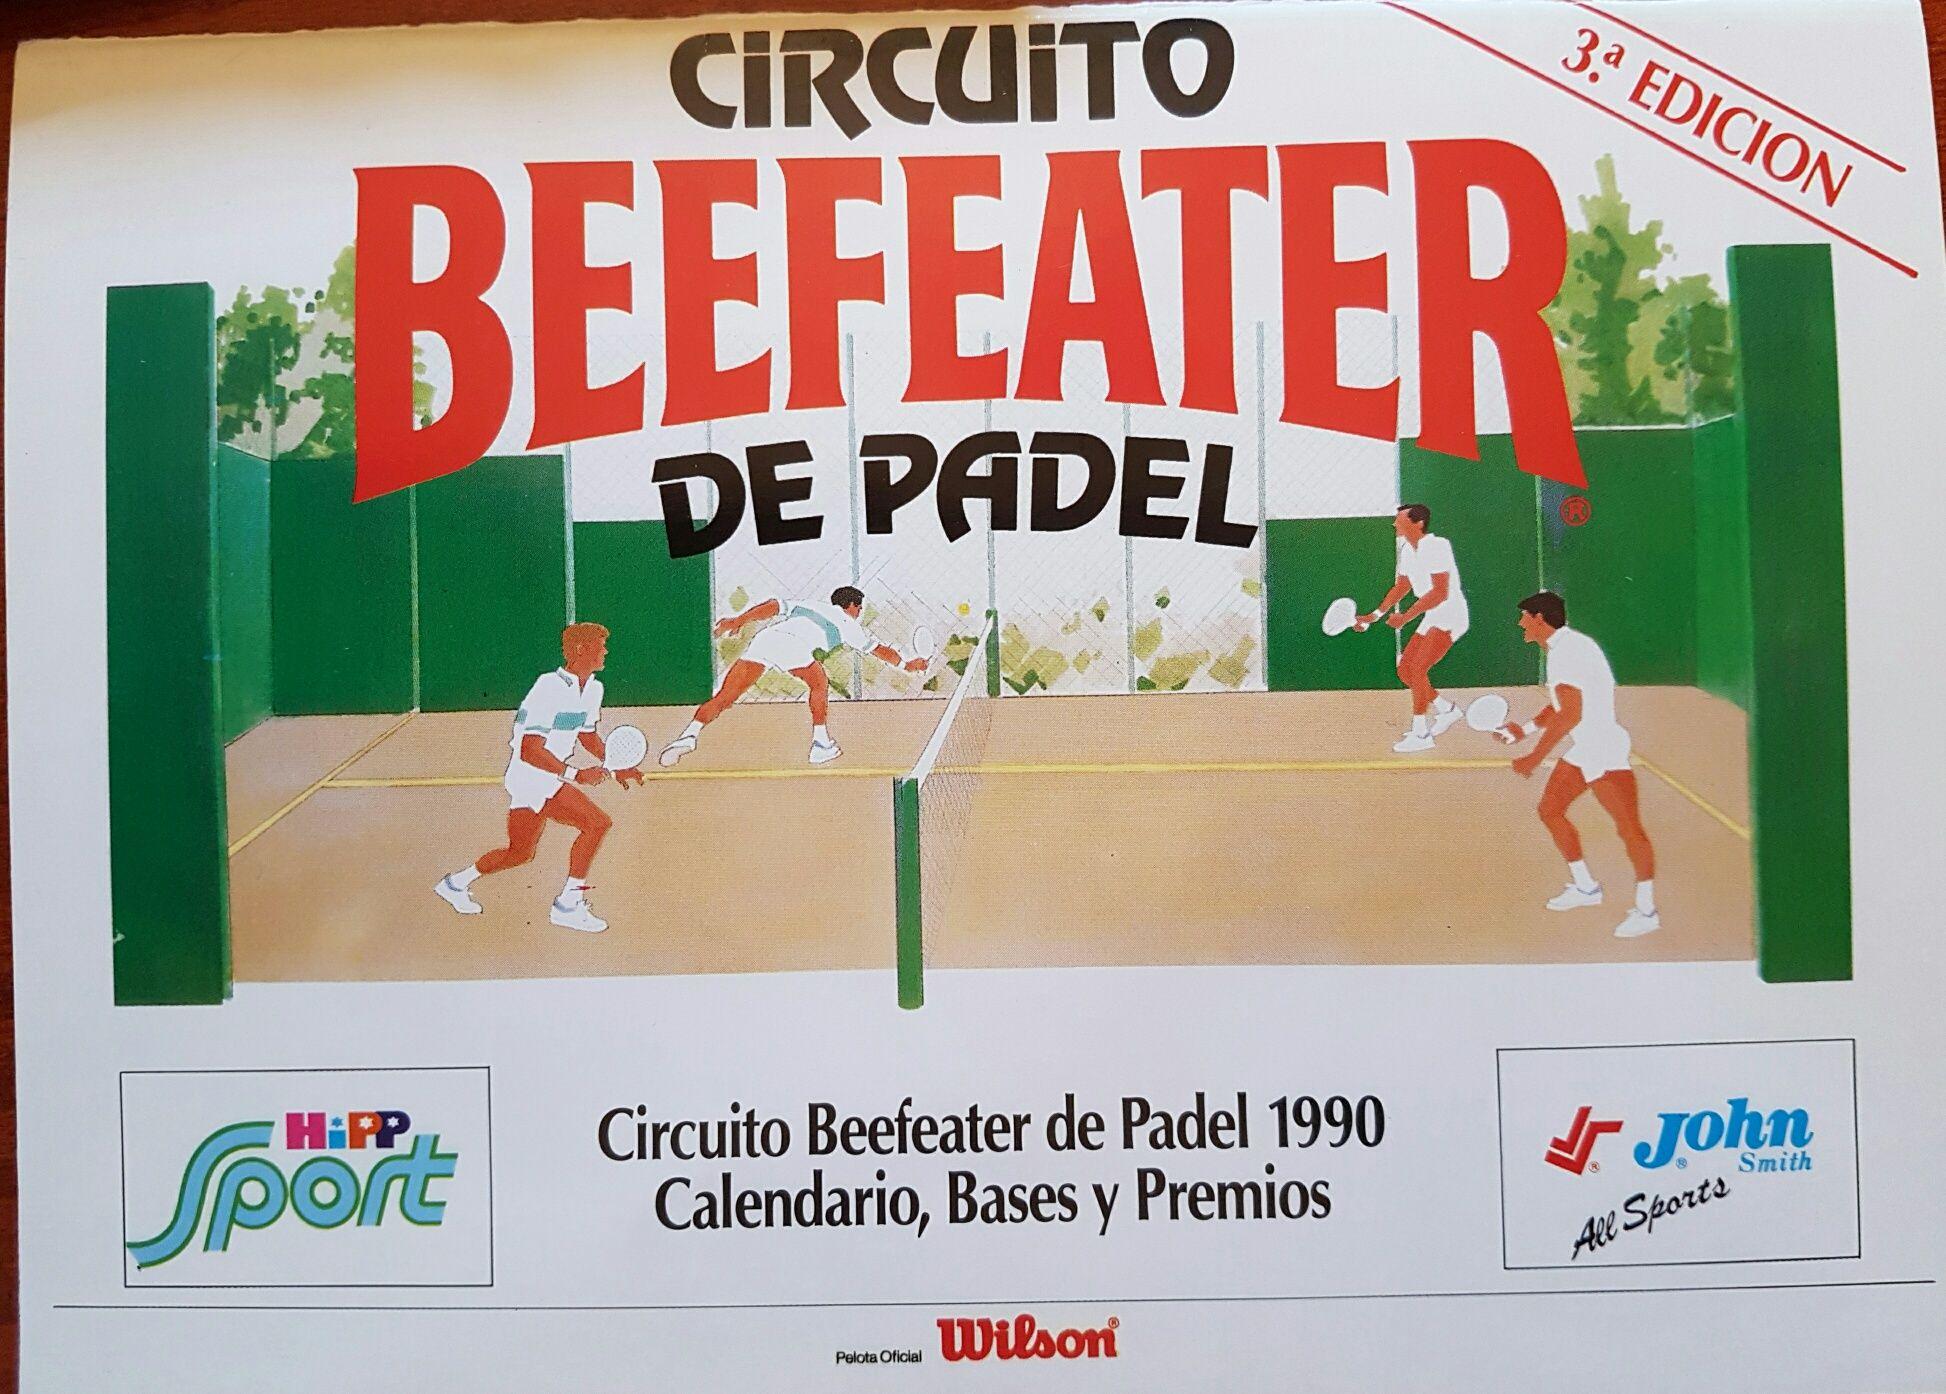 Pinceladas de la Historia del Pádel – 3: El Circuito Beefeater